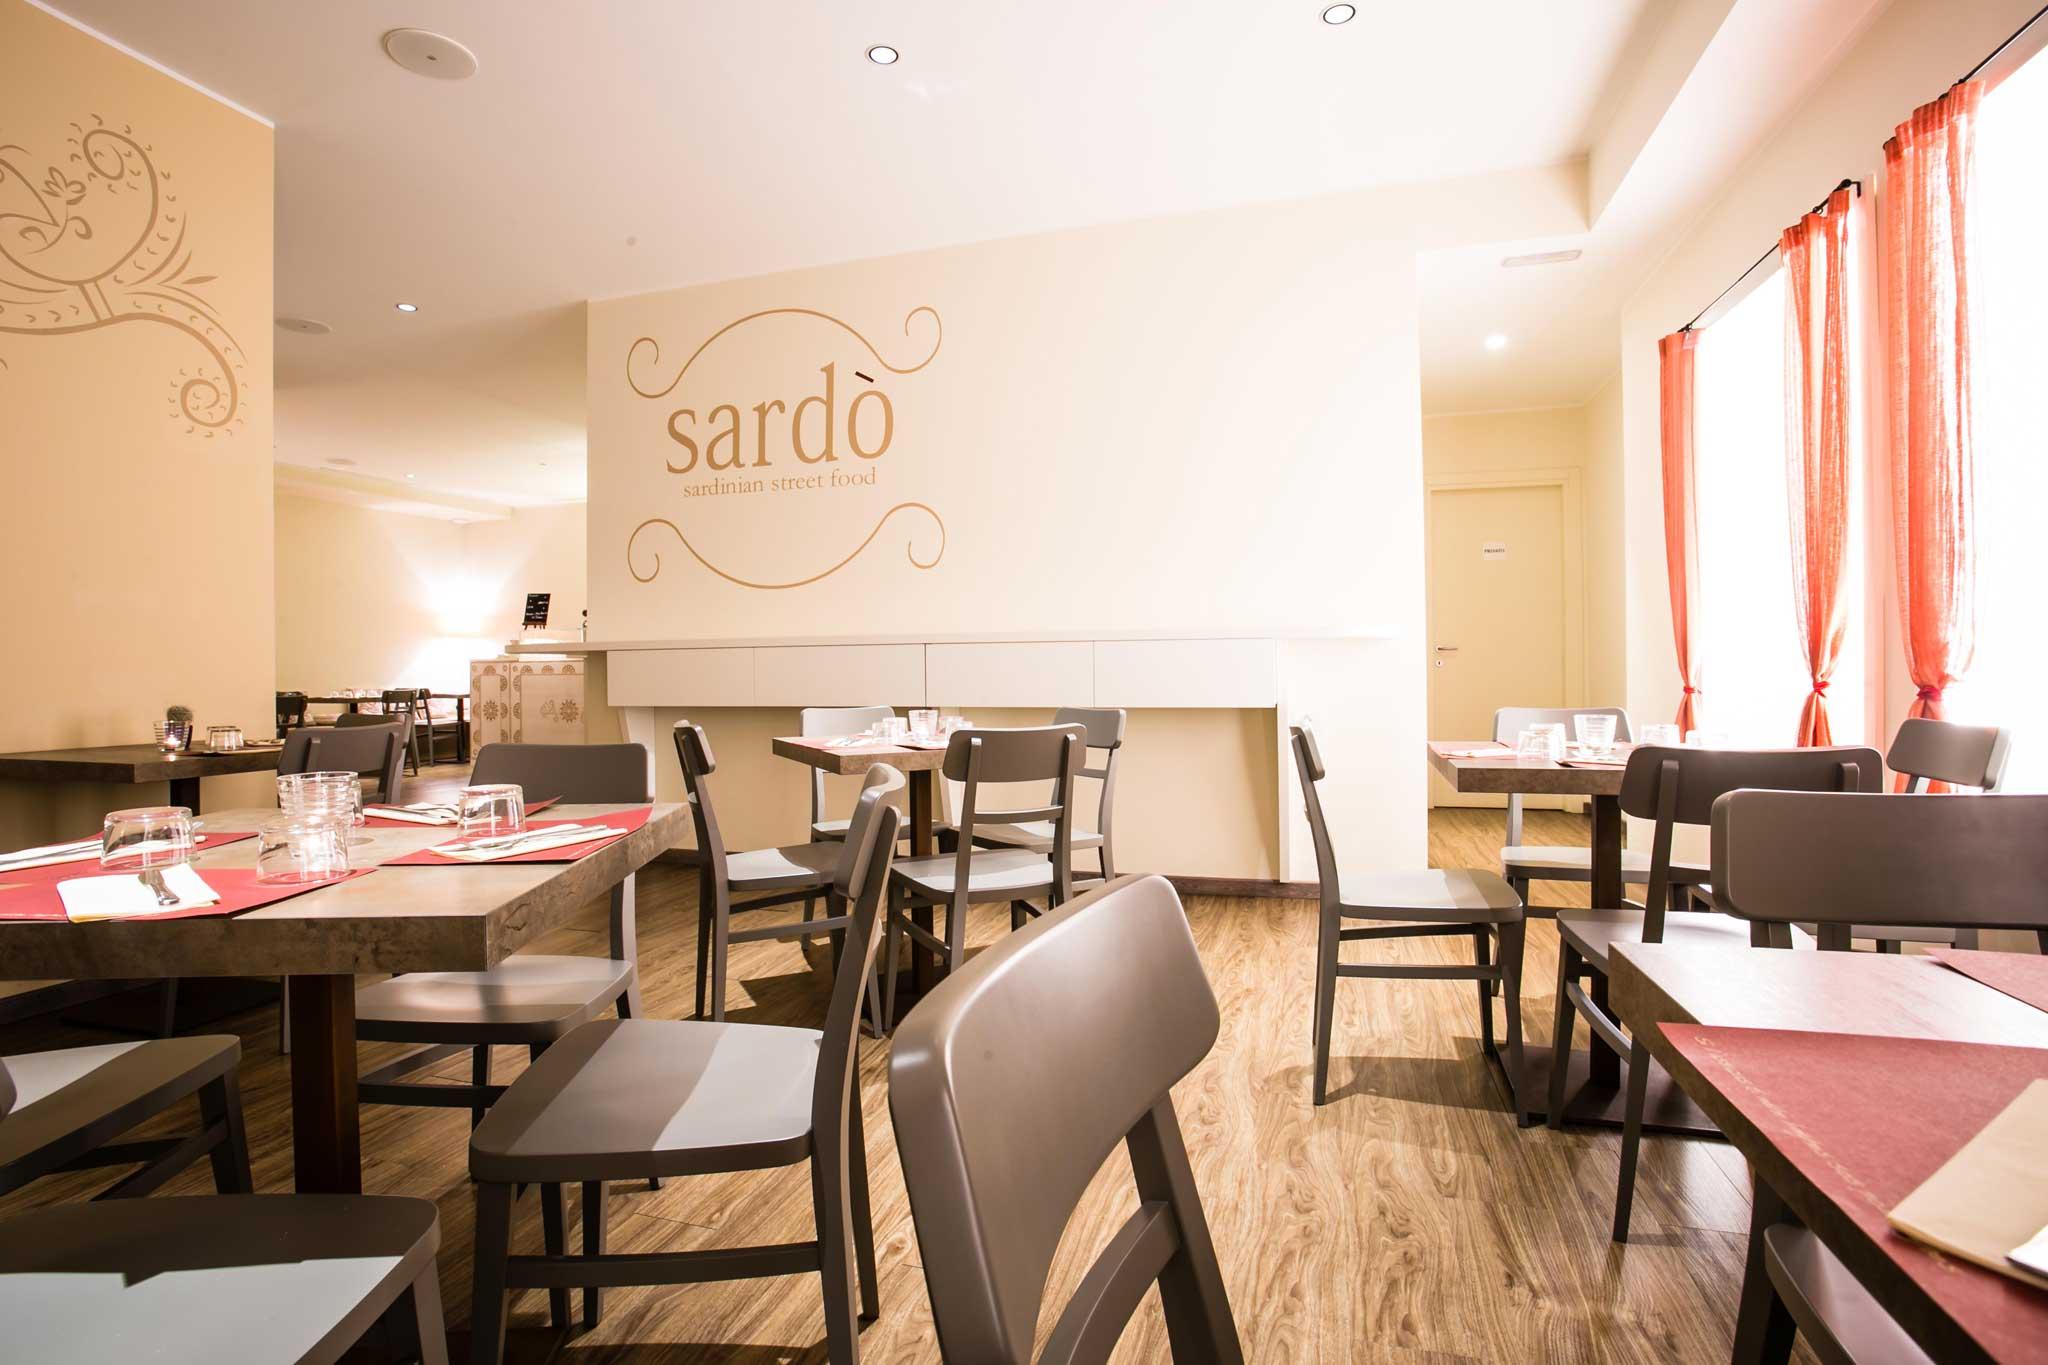 sardò ristorante Milano